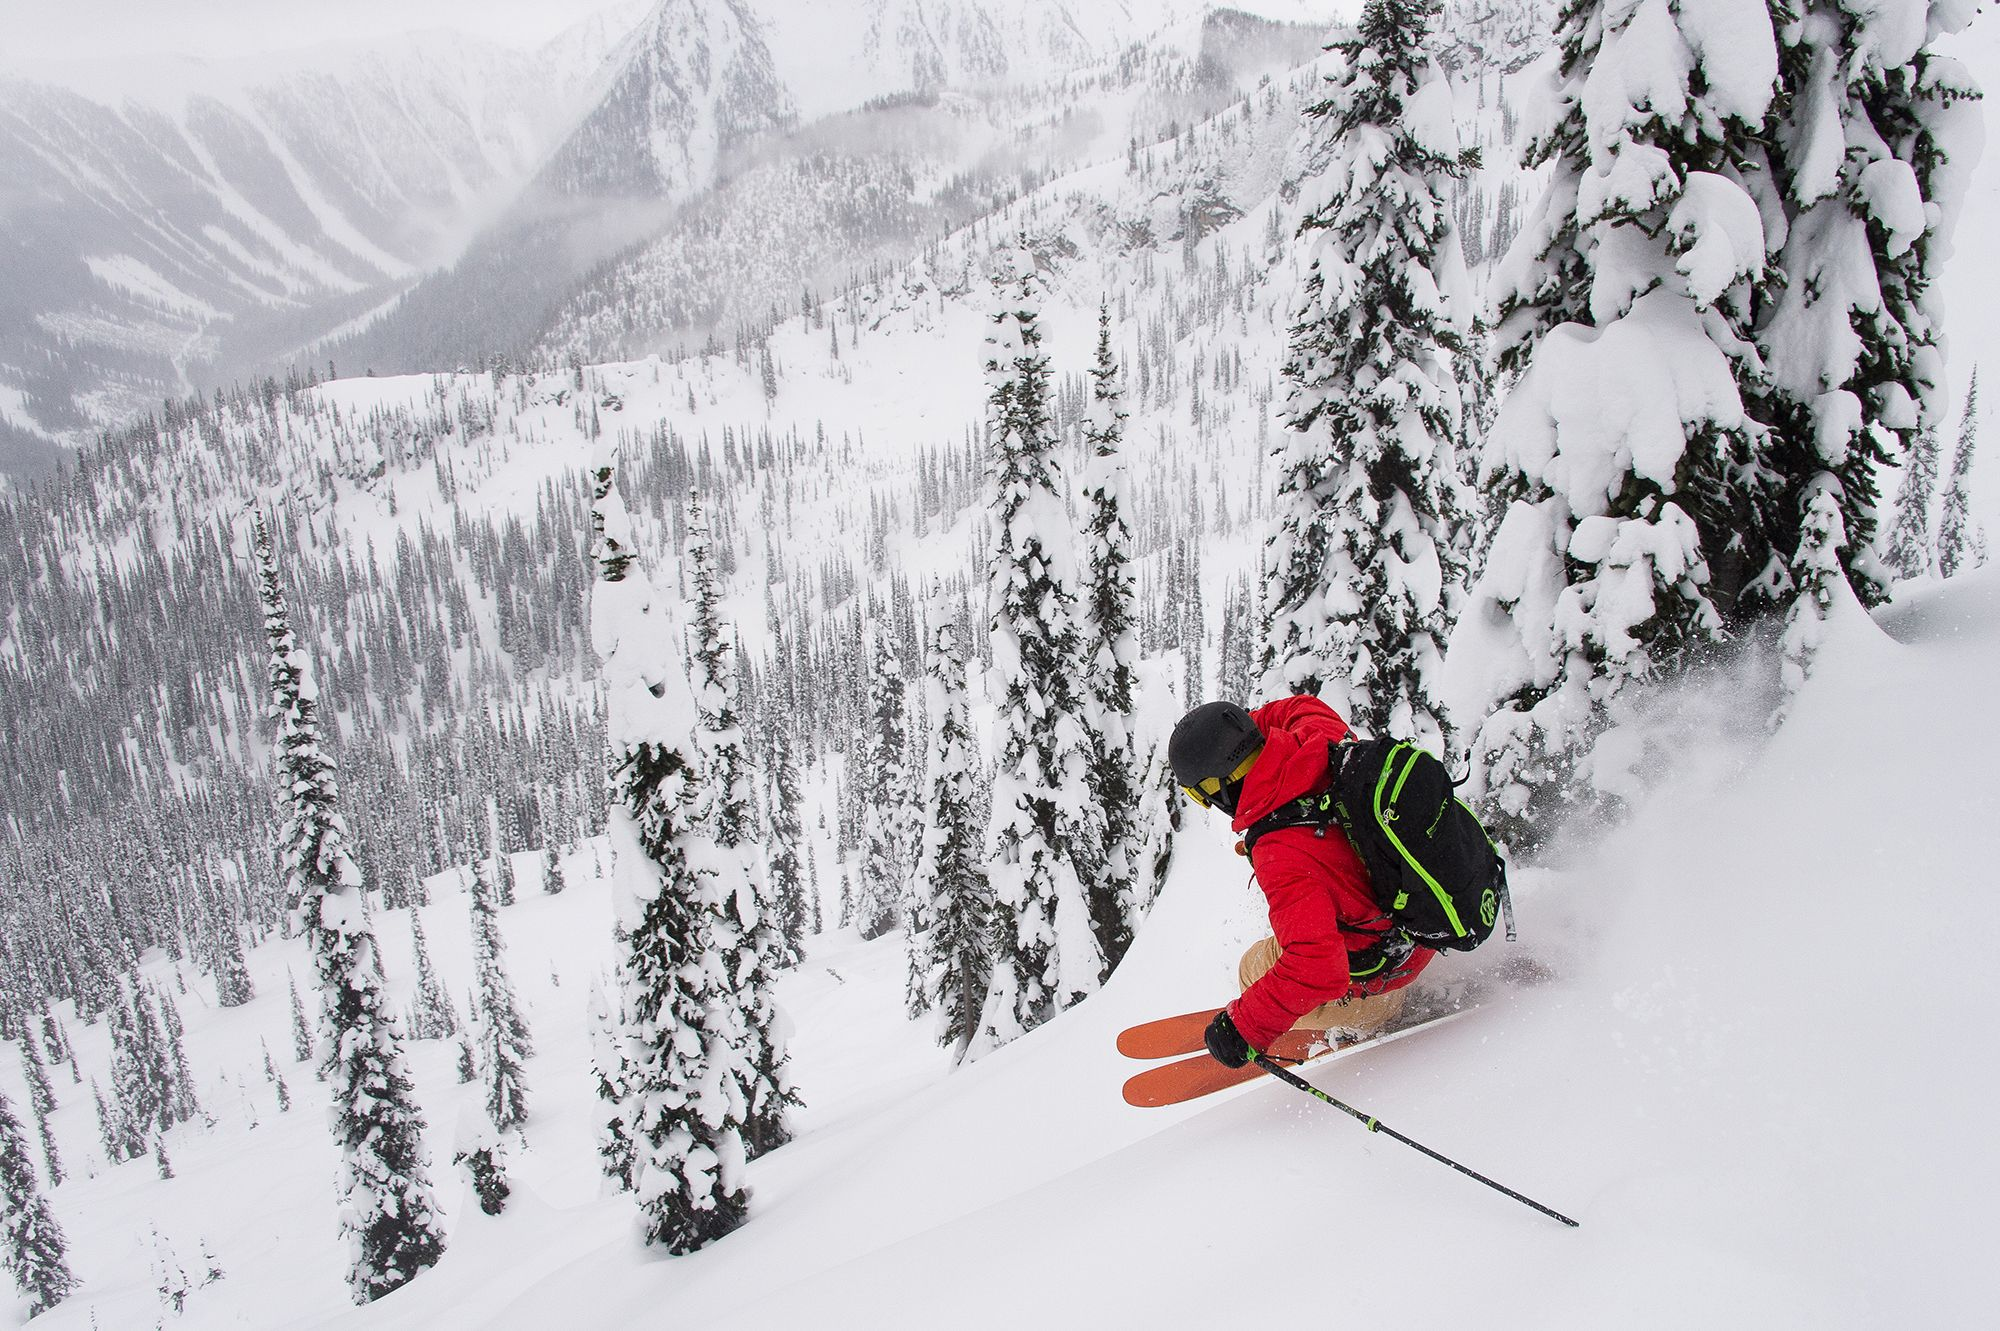 Cmh K2 Is A Tree Skier S Dreamland Photo Zach Doleac Cmh K2 Skiing Snowboarding Winter